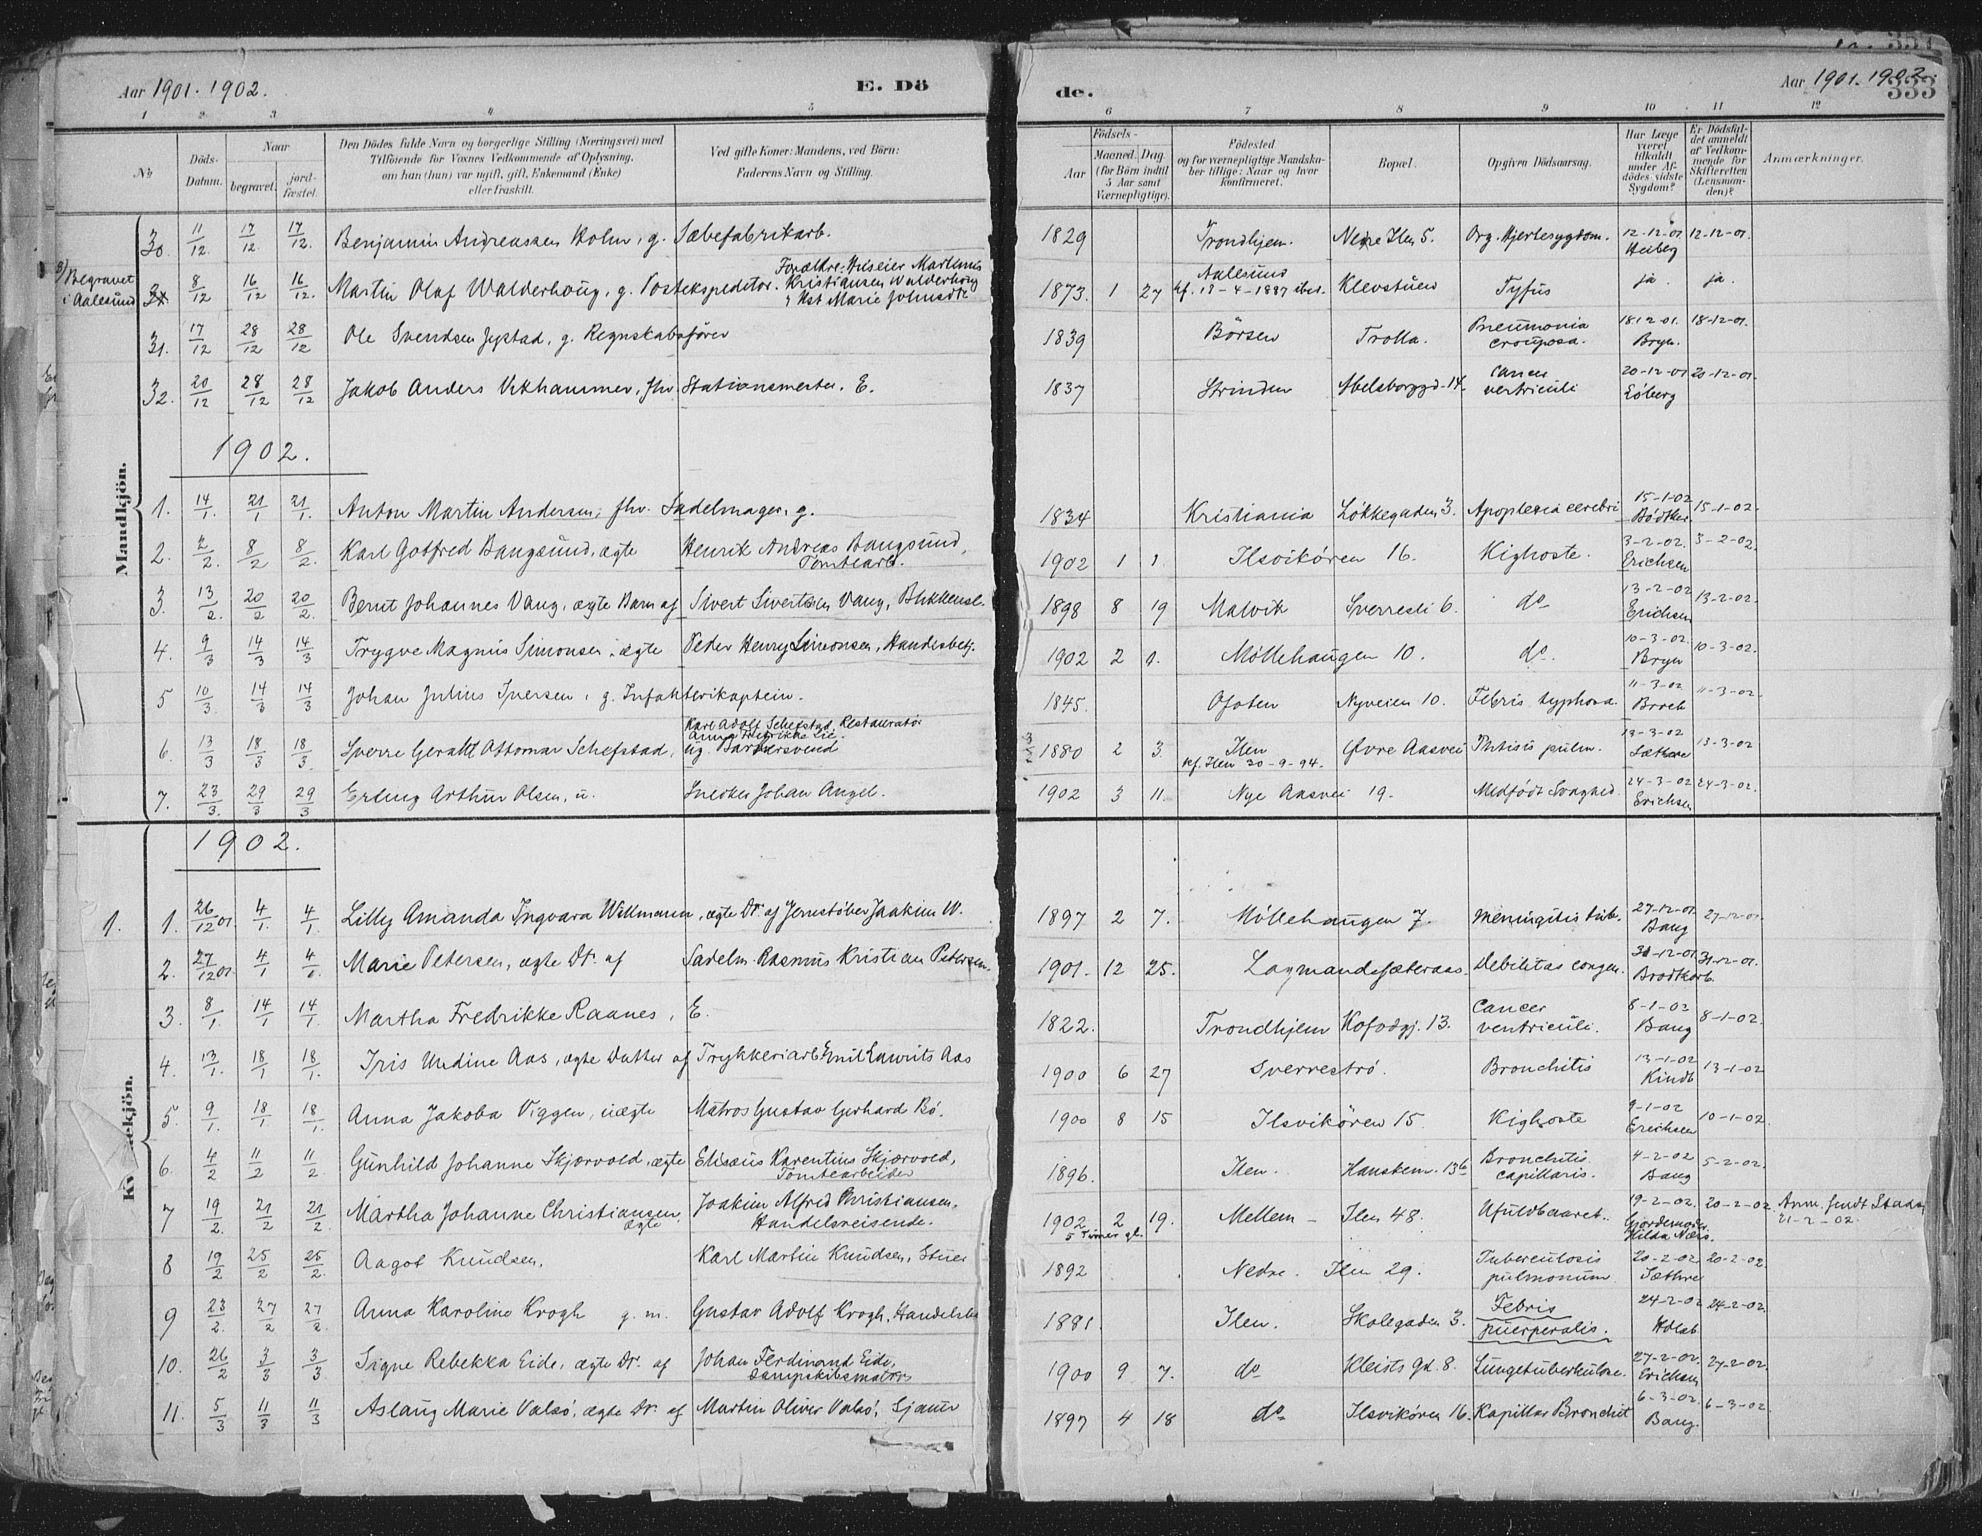 SAT, Ministerialprotokoller, klokkerbøker og fødselsregistre - Sør-Trøndelag, 603/L0167: Ministerialbok nr. 603A06, 1896-1932, s. 333